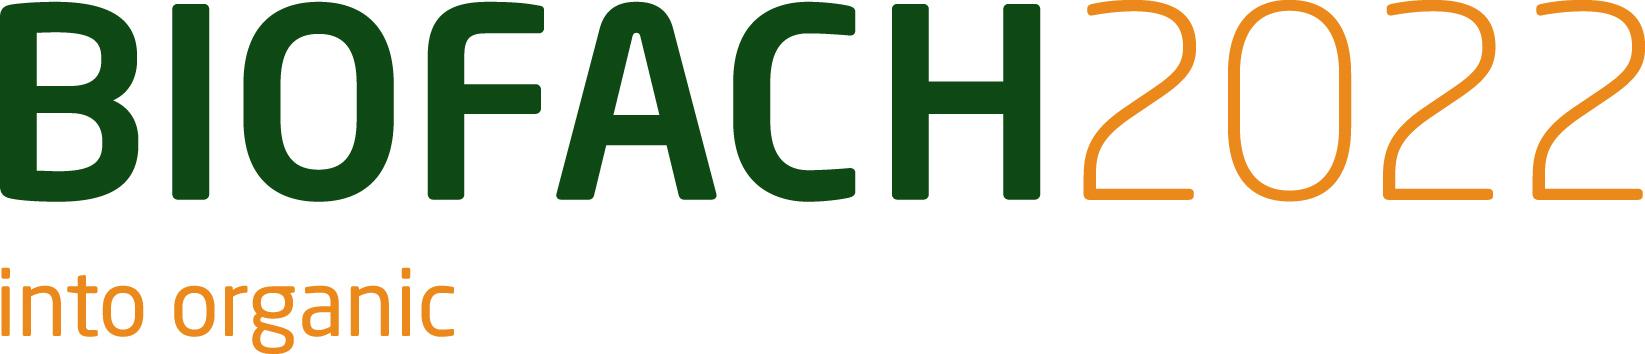 BIOFACH-2022-Logo 300dpi-RGB